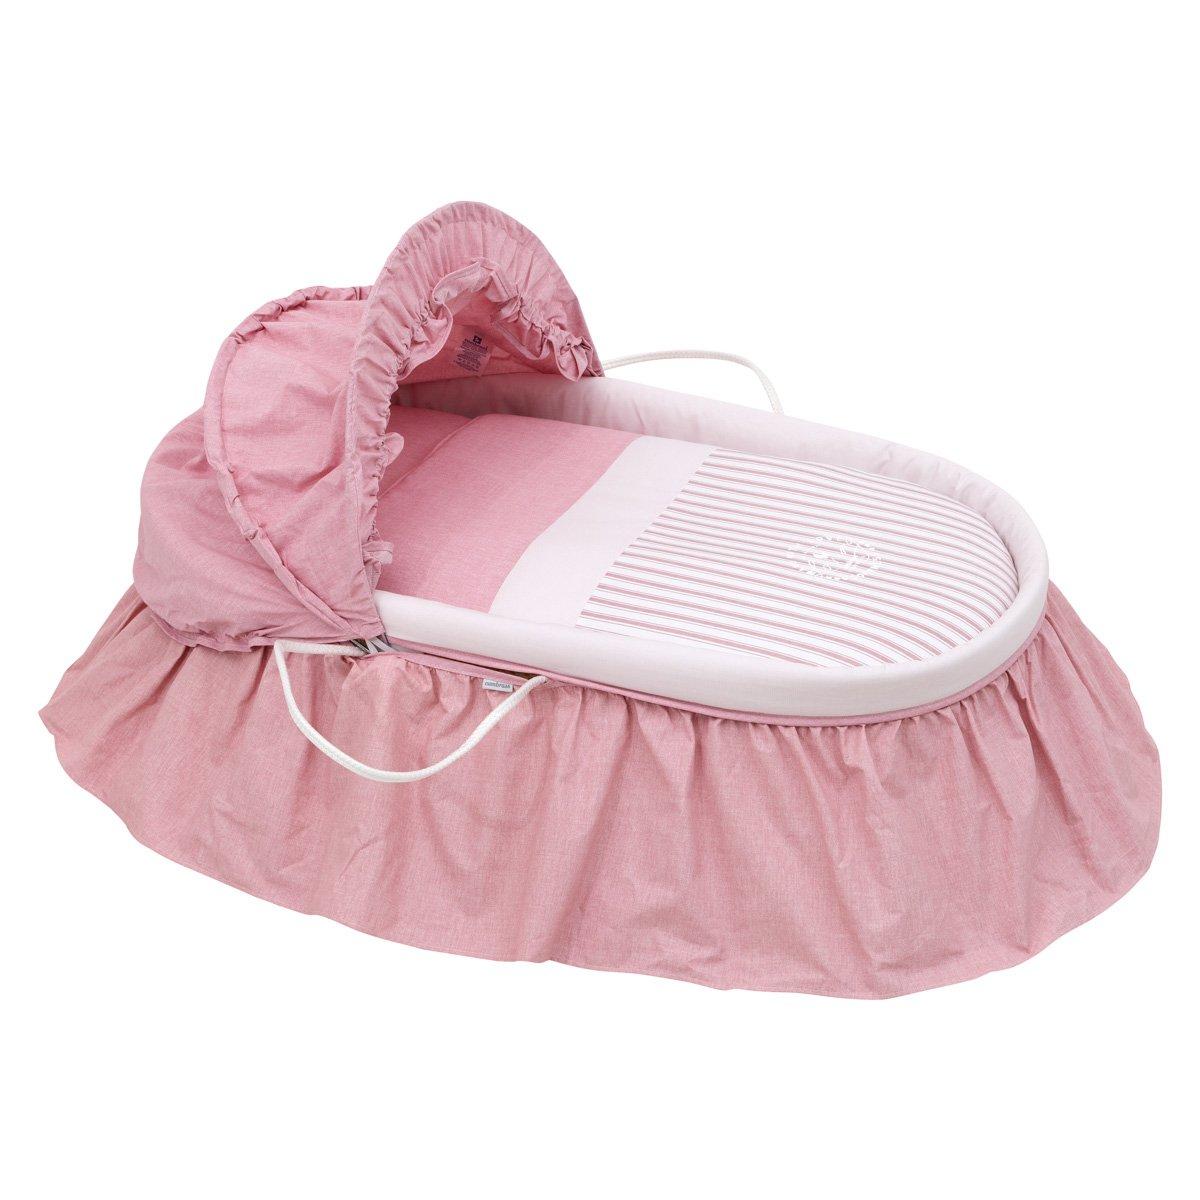 Cambrass Denim - Capazo con capucha, color rosa 38821